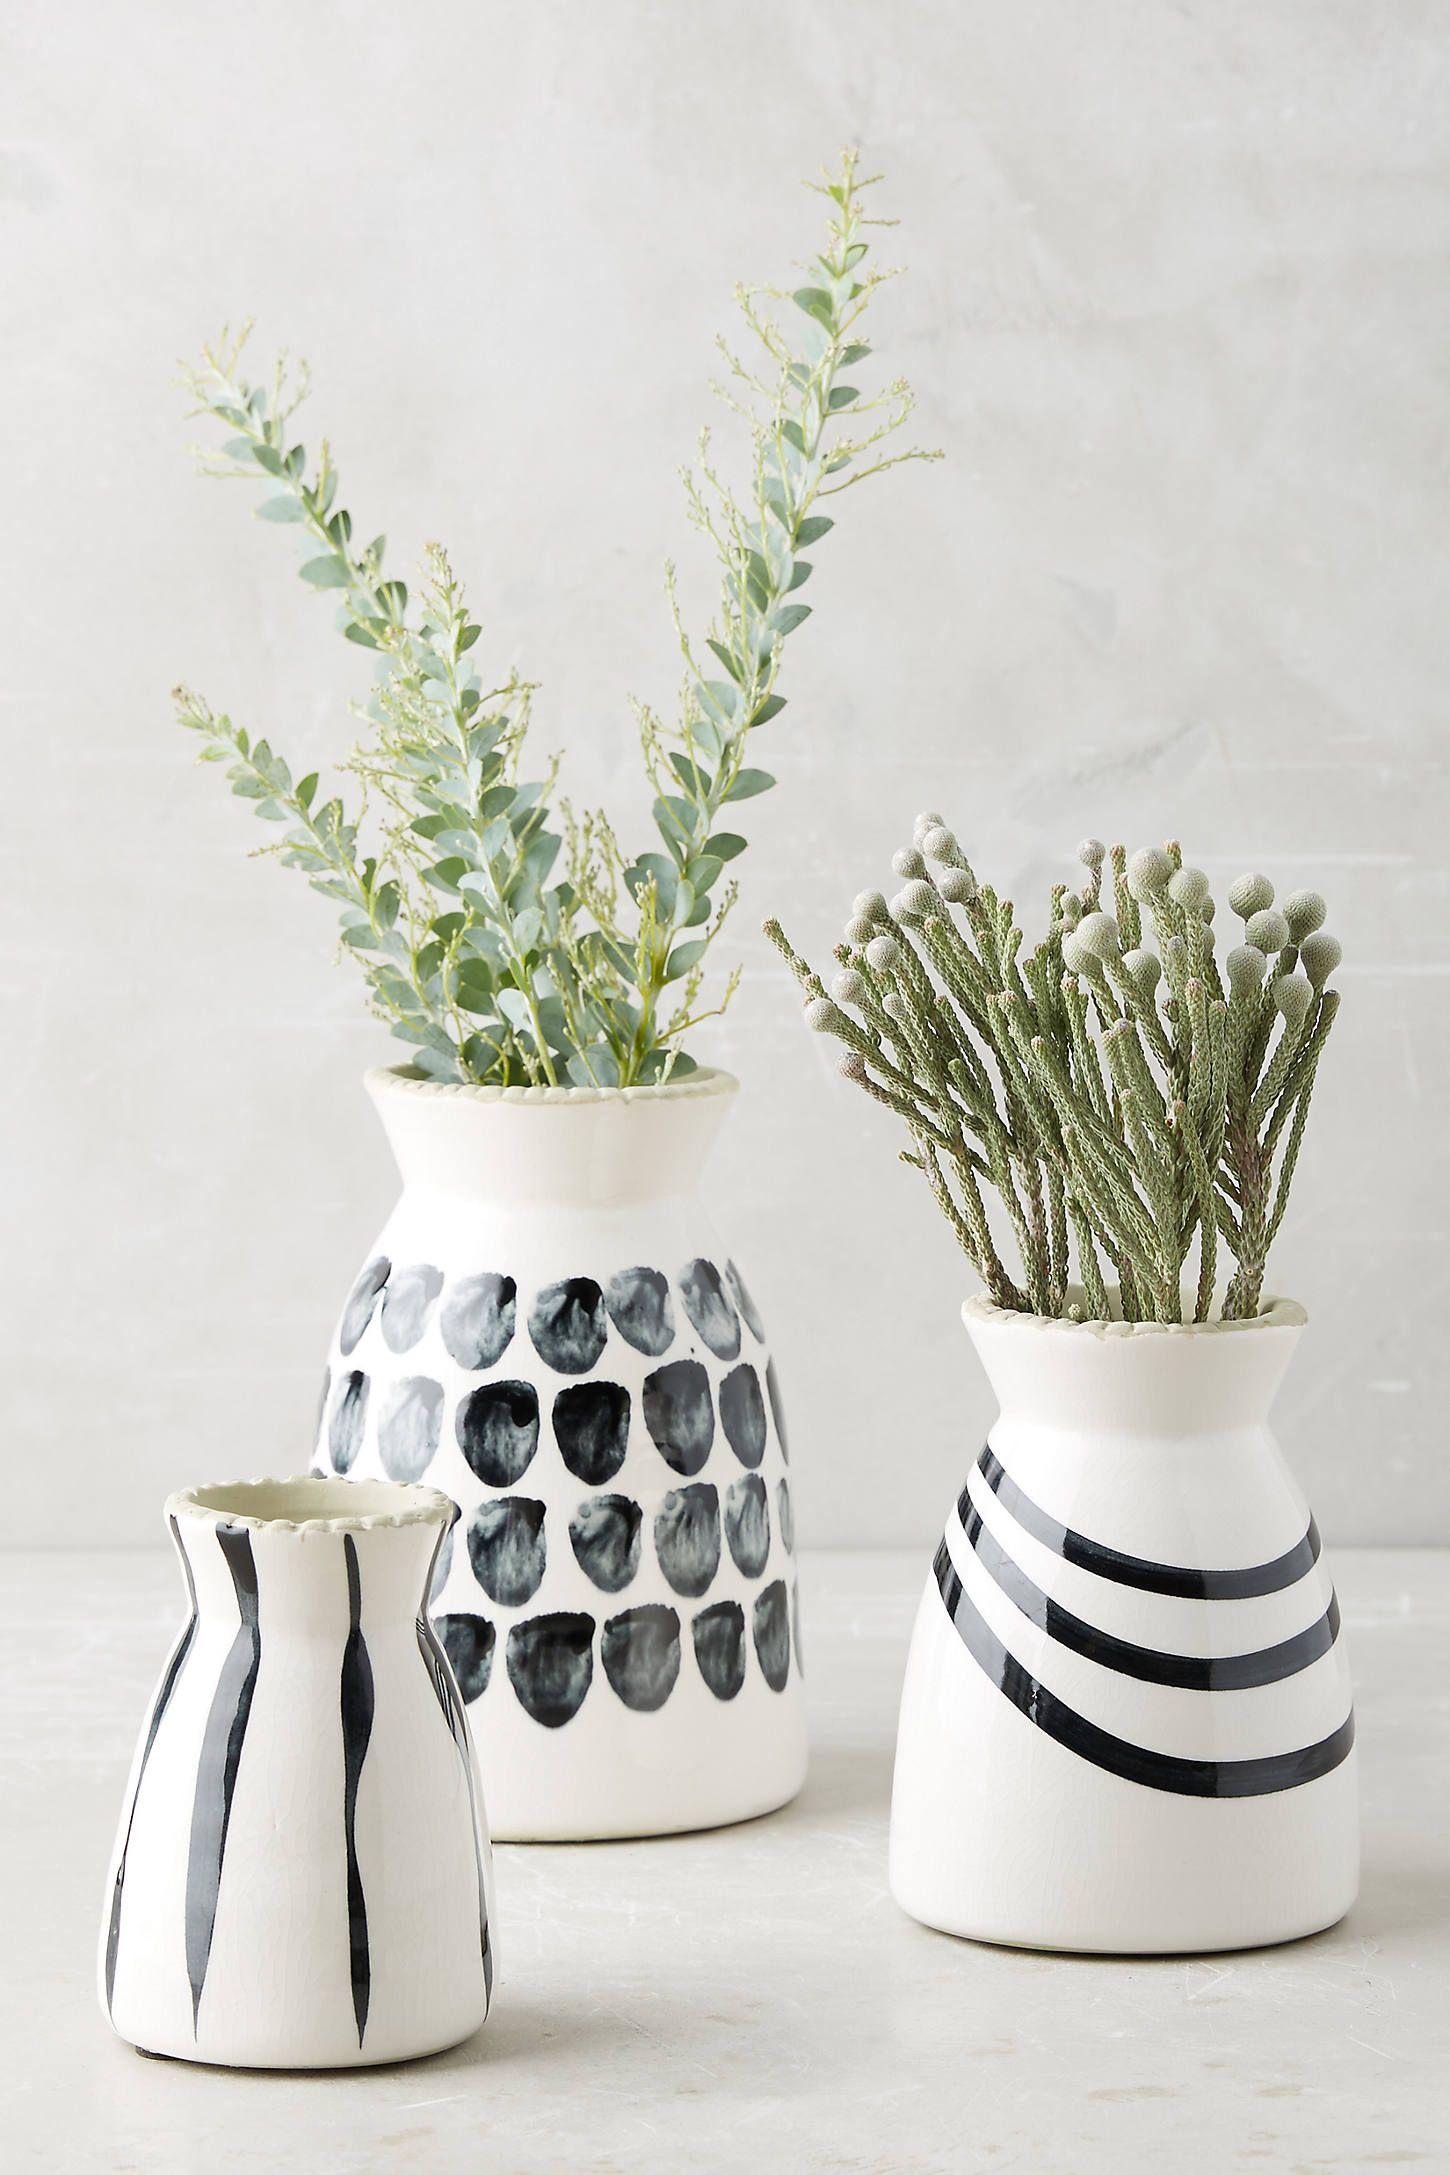 Kupia Handpainted Vase Set Kupia Handpainted Vase